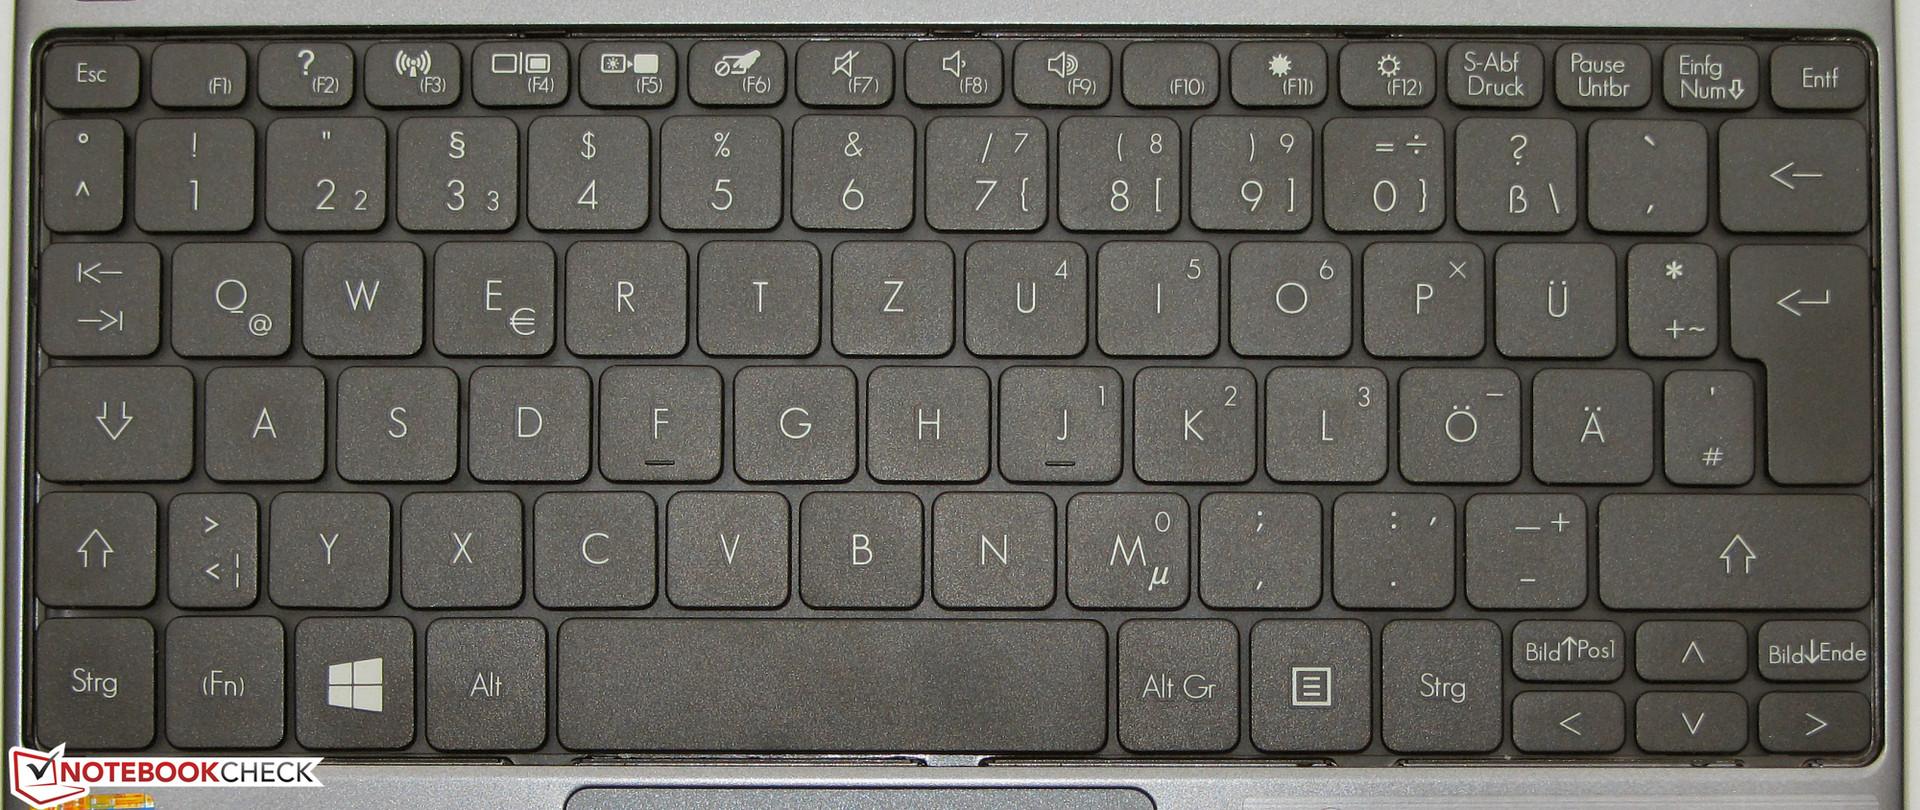 Скачать драйвер для клавиатуры packard bell